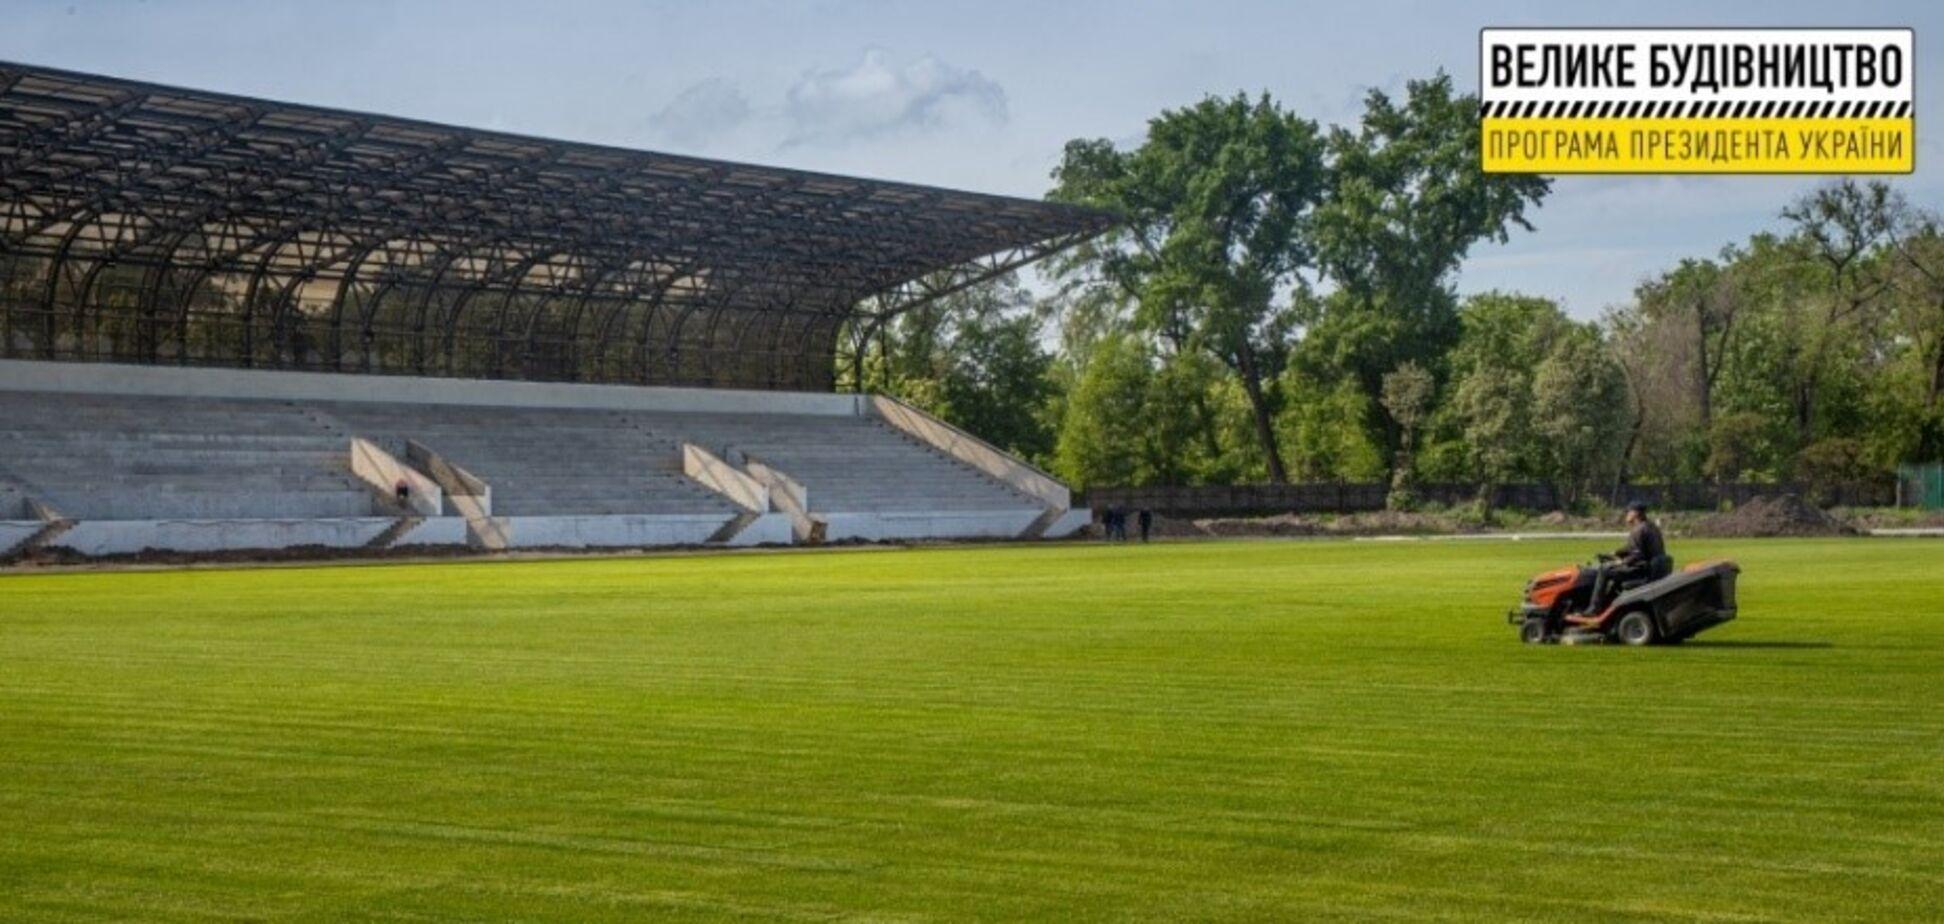 В Кривом Роге реконструируют стадион 'Спартак'